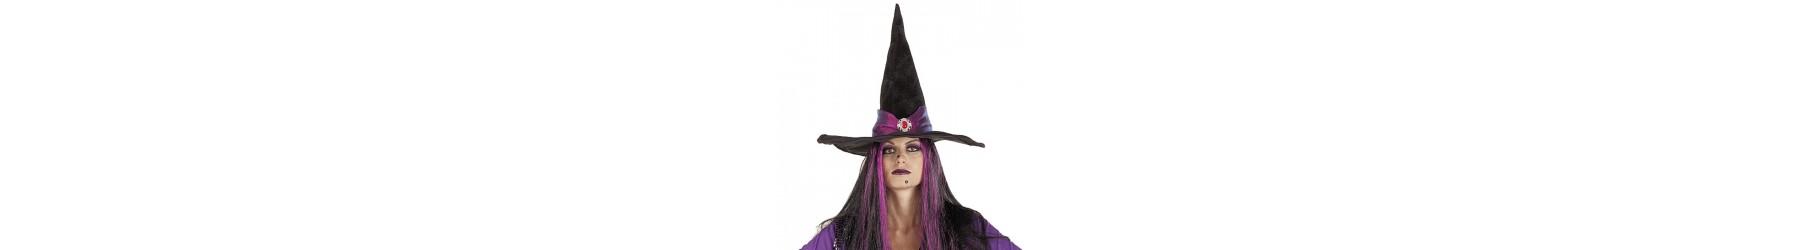 Αξεσουάρ για τις Αποκριάτικες στολές Halloween και τρόμου